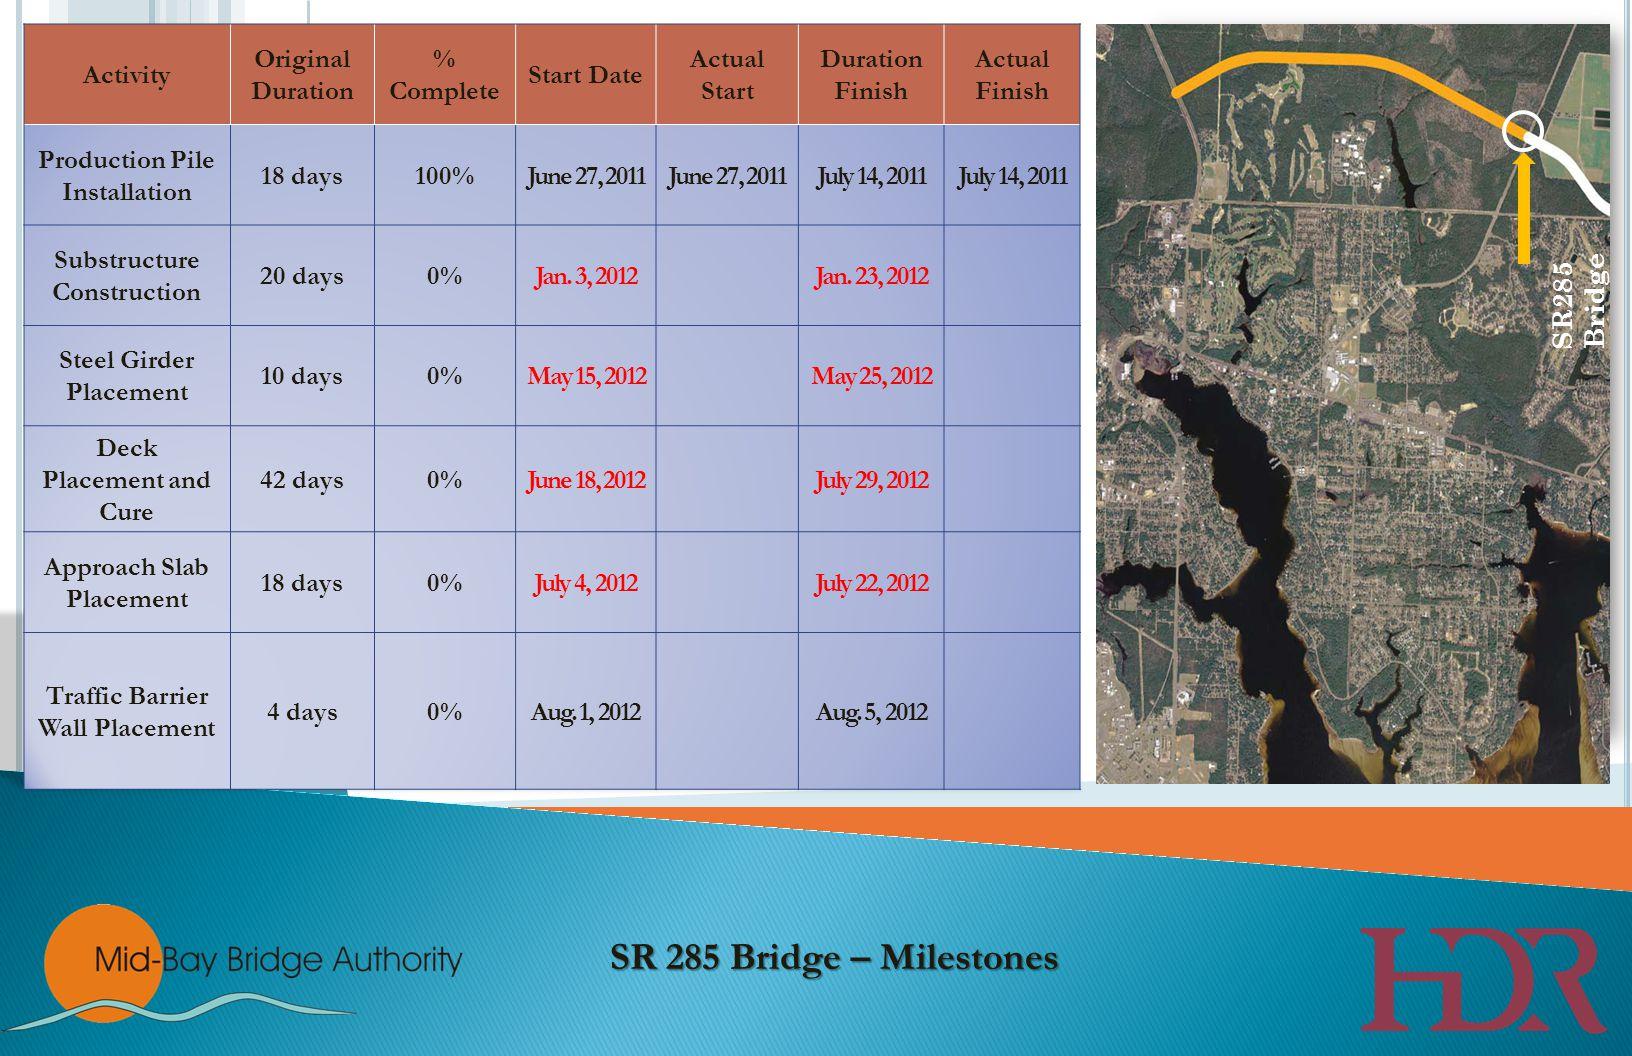 Range Road Bridge SR 285 Bridge – Milestones SR285 Bridge